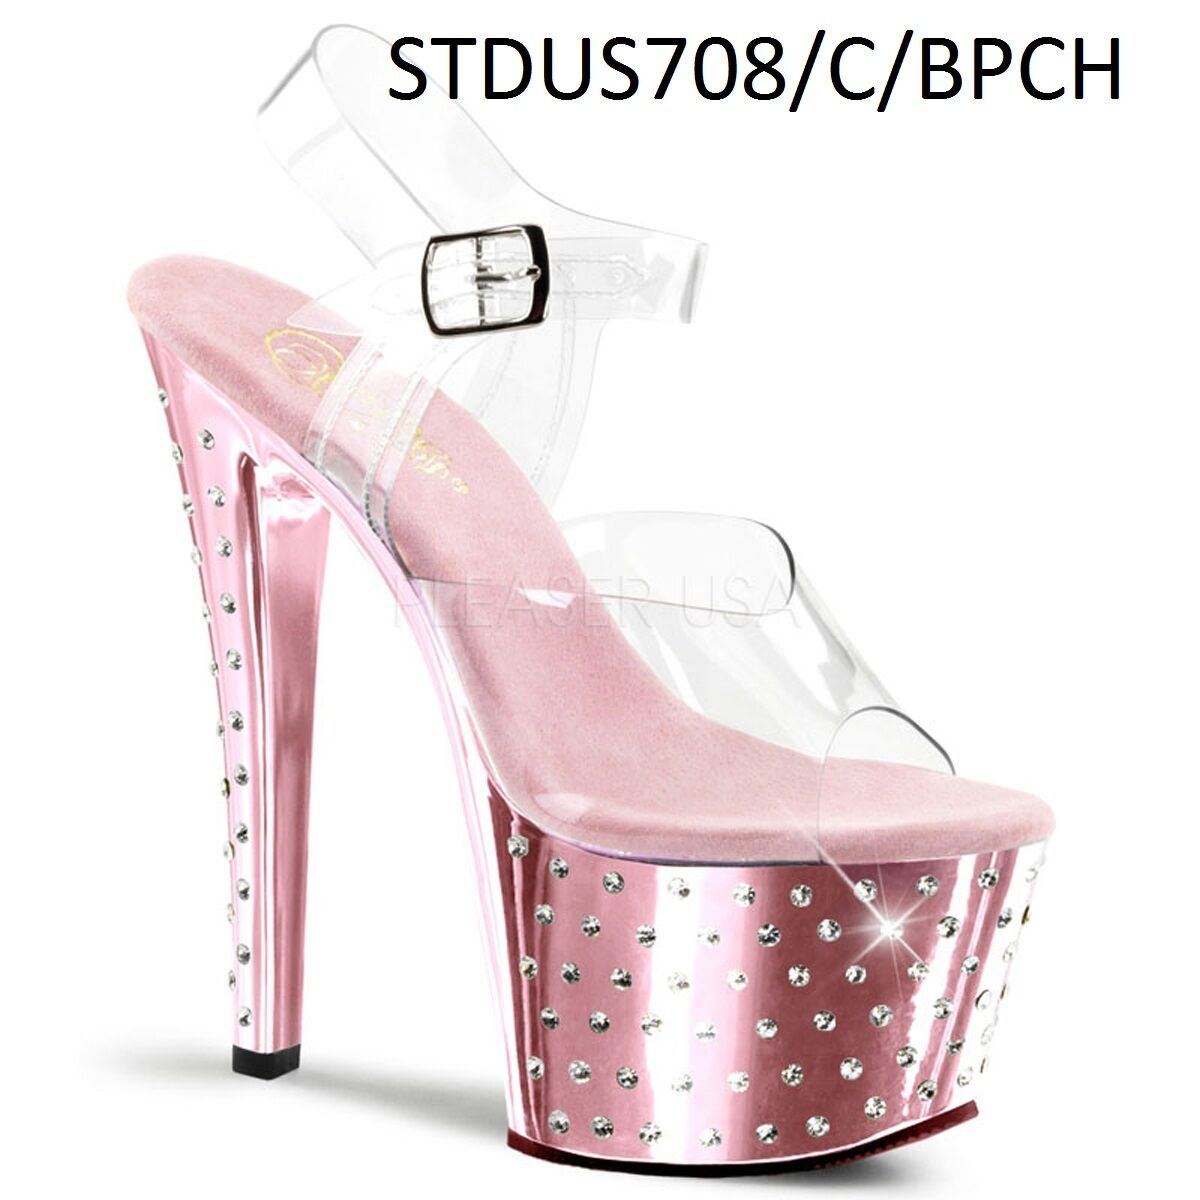 Pleaser STARDUST 600 700 Platform 800 Series Exotic Dancing Platform 700 R/S Studded Sandales 01d1e7